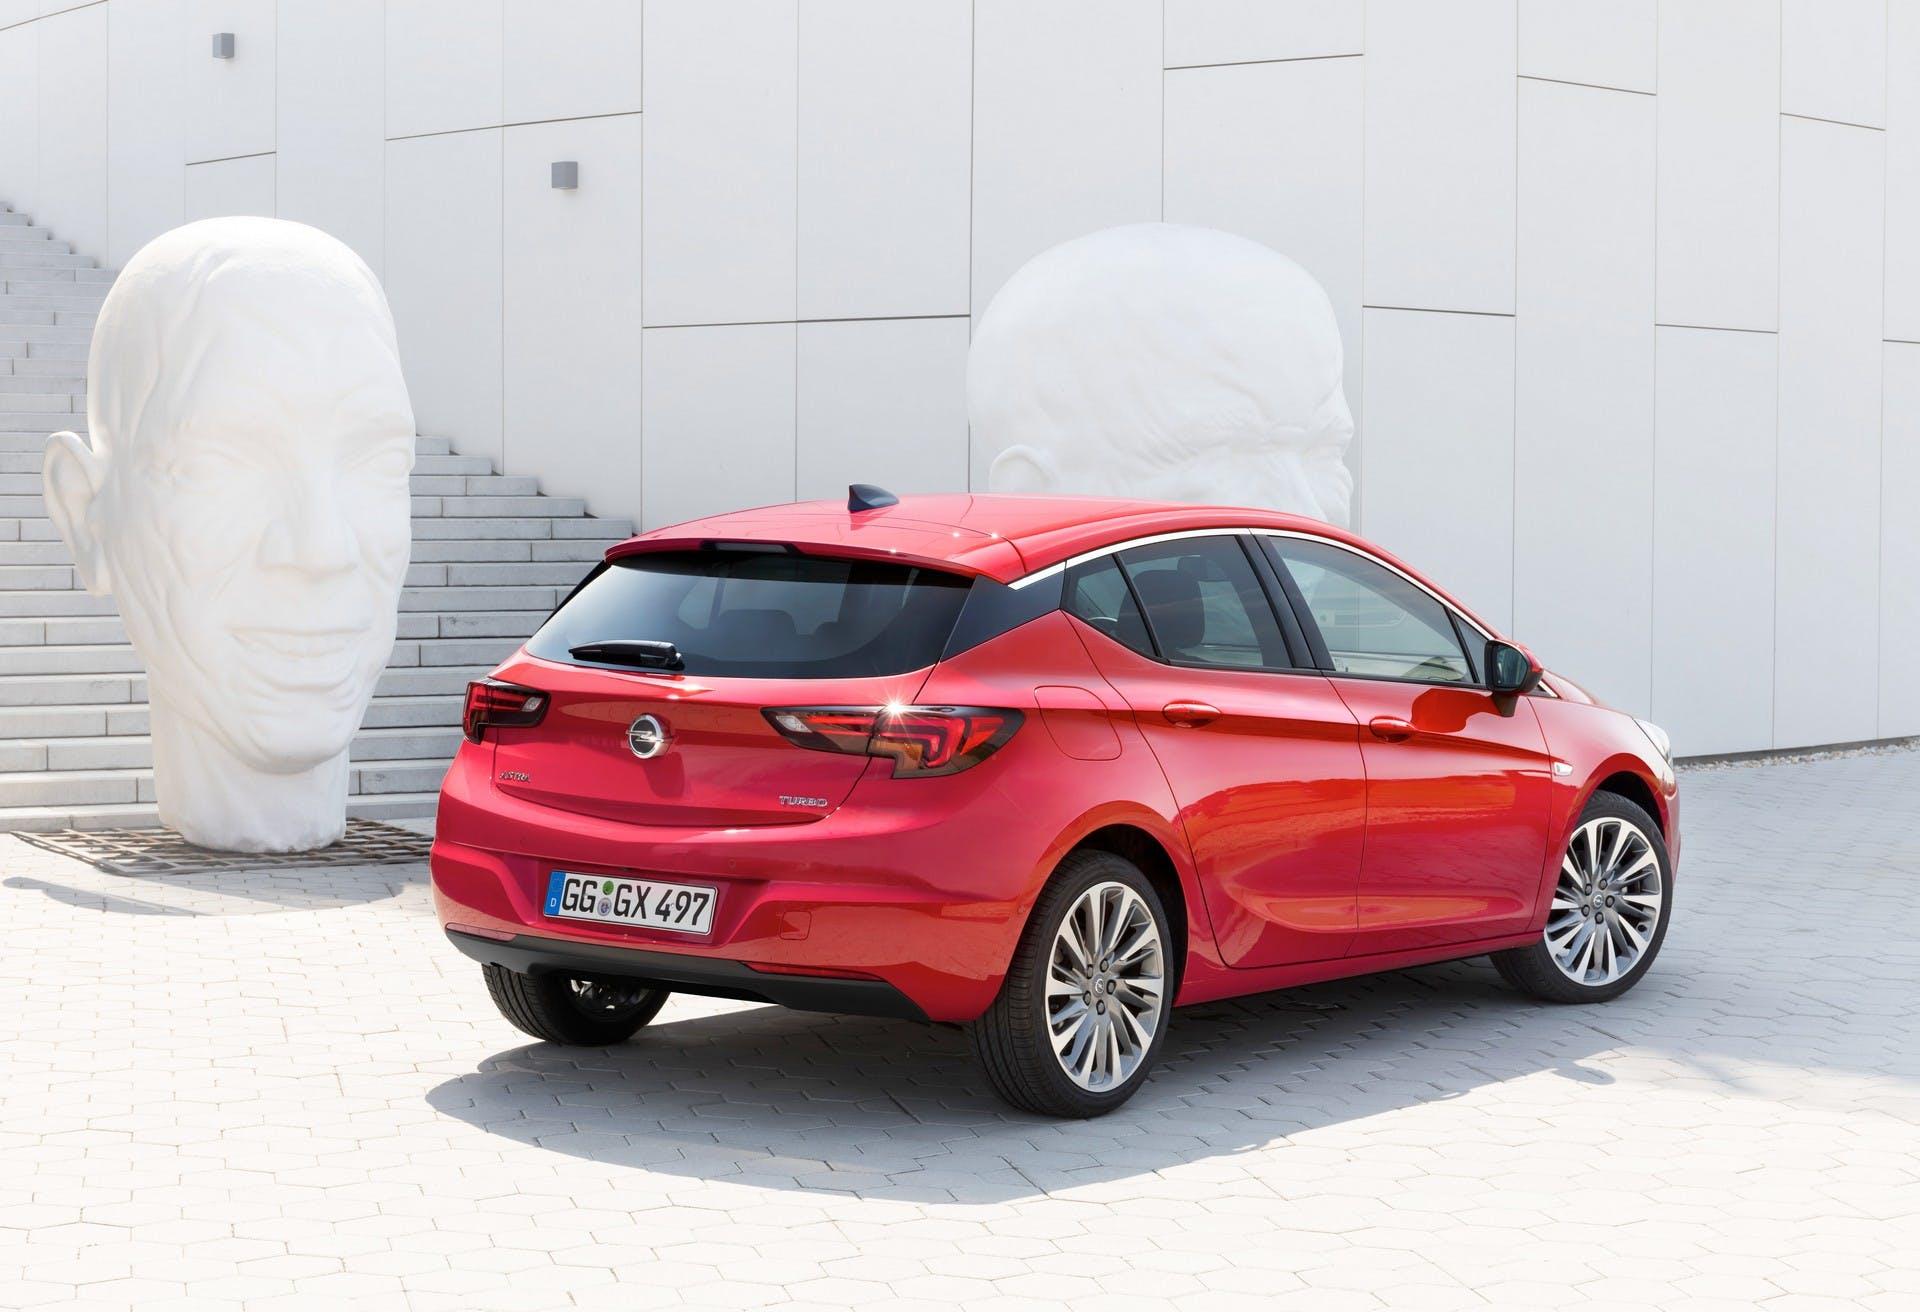 Opel Astra ecoM statica